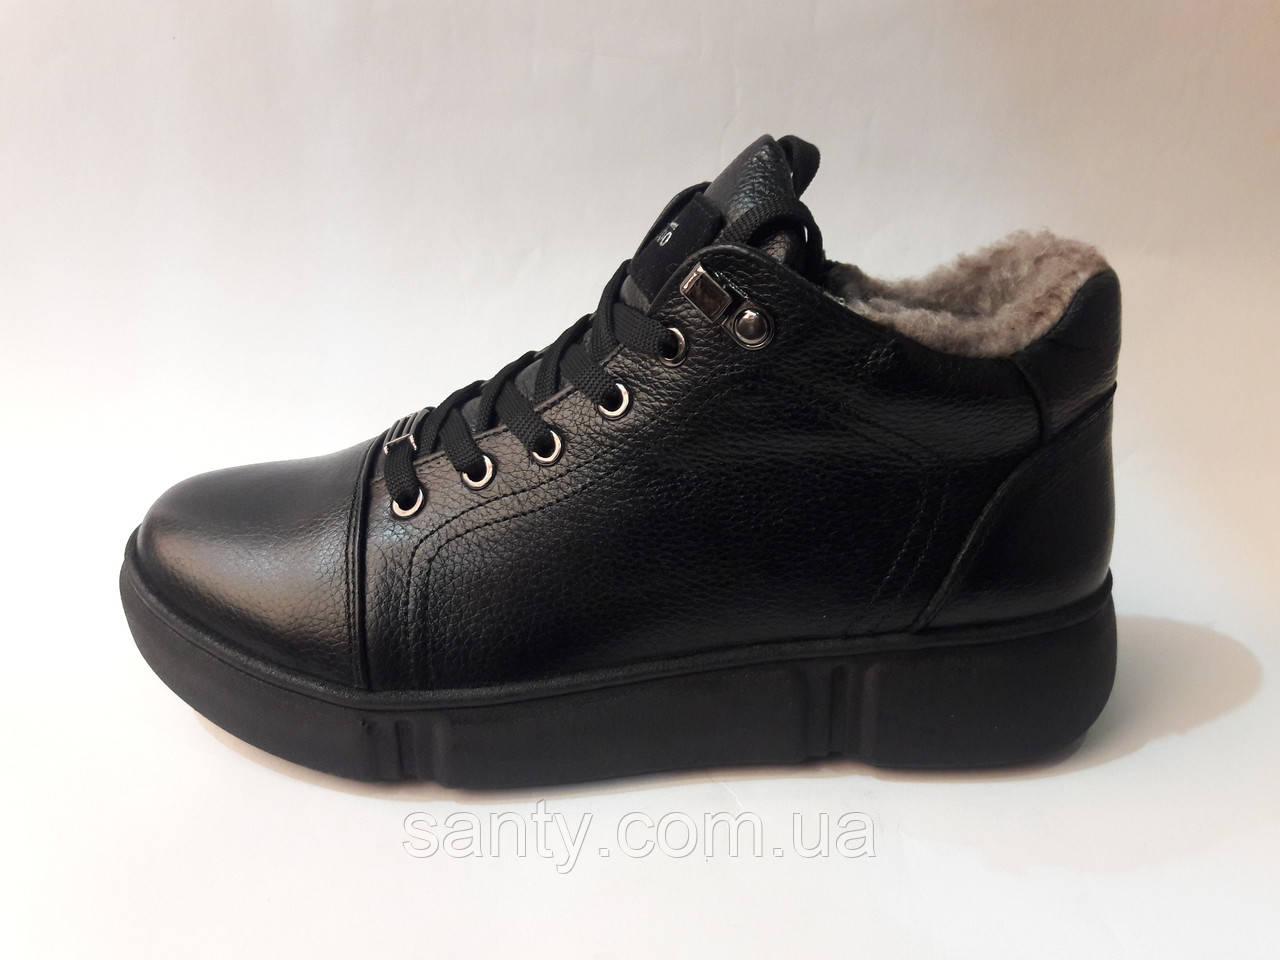 Зимние женские ботиночки из натуральной кожи